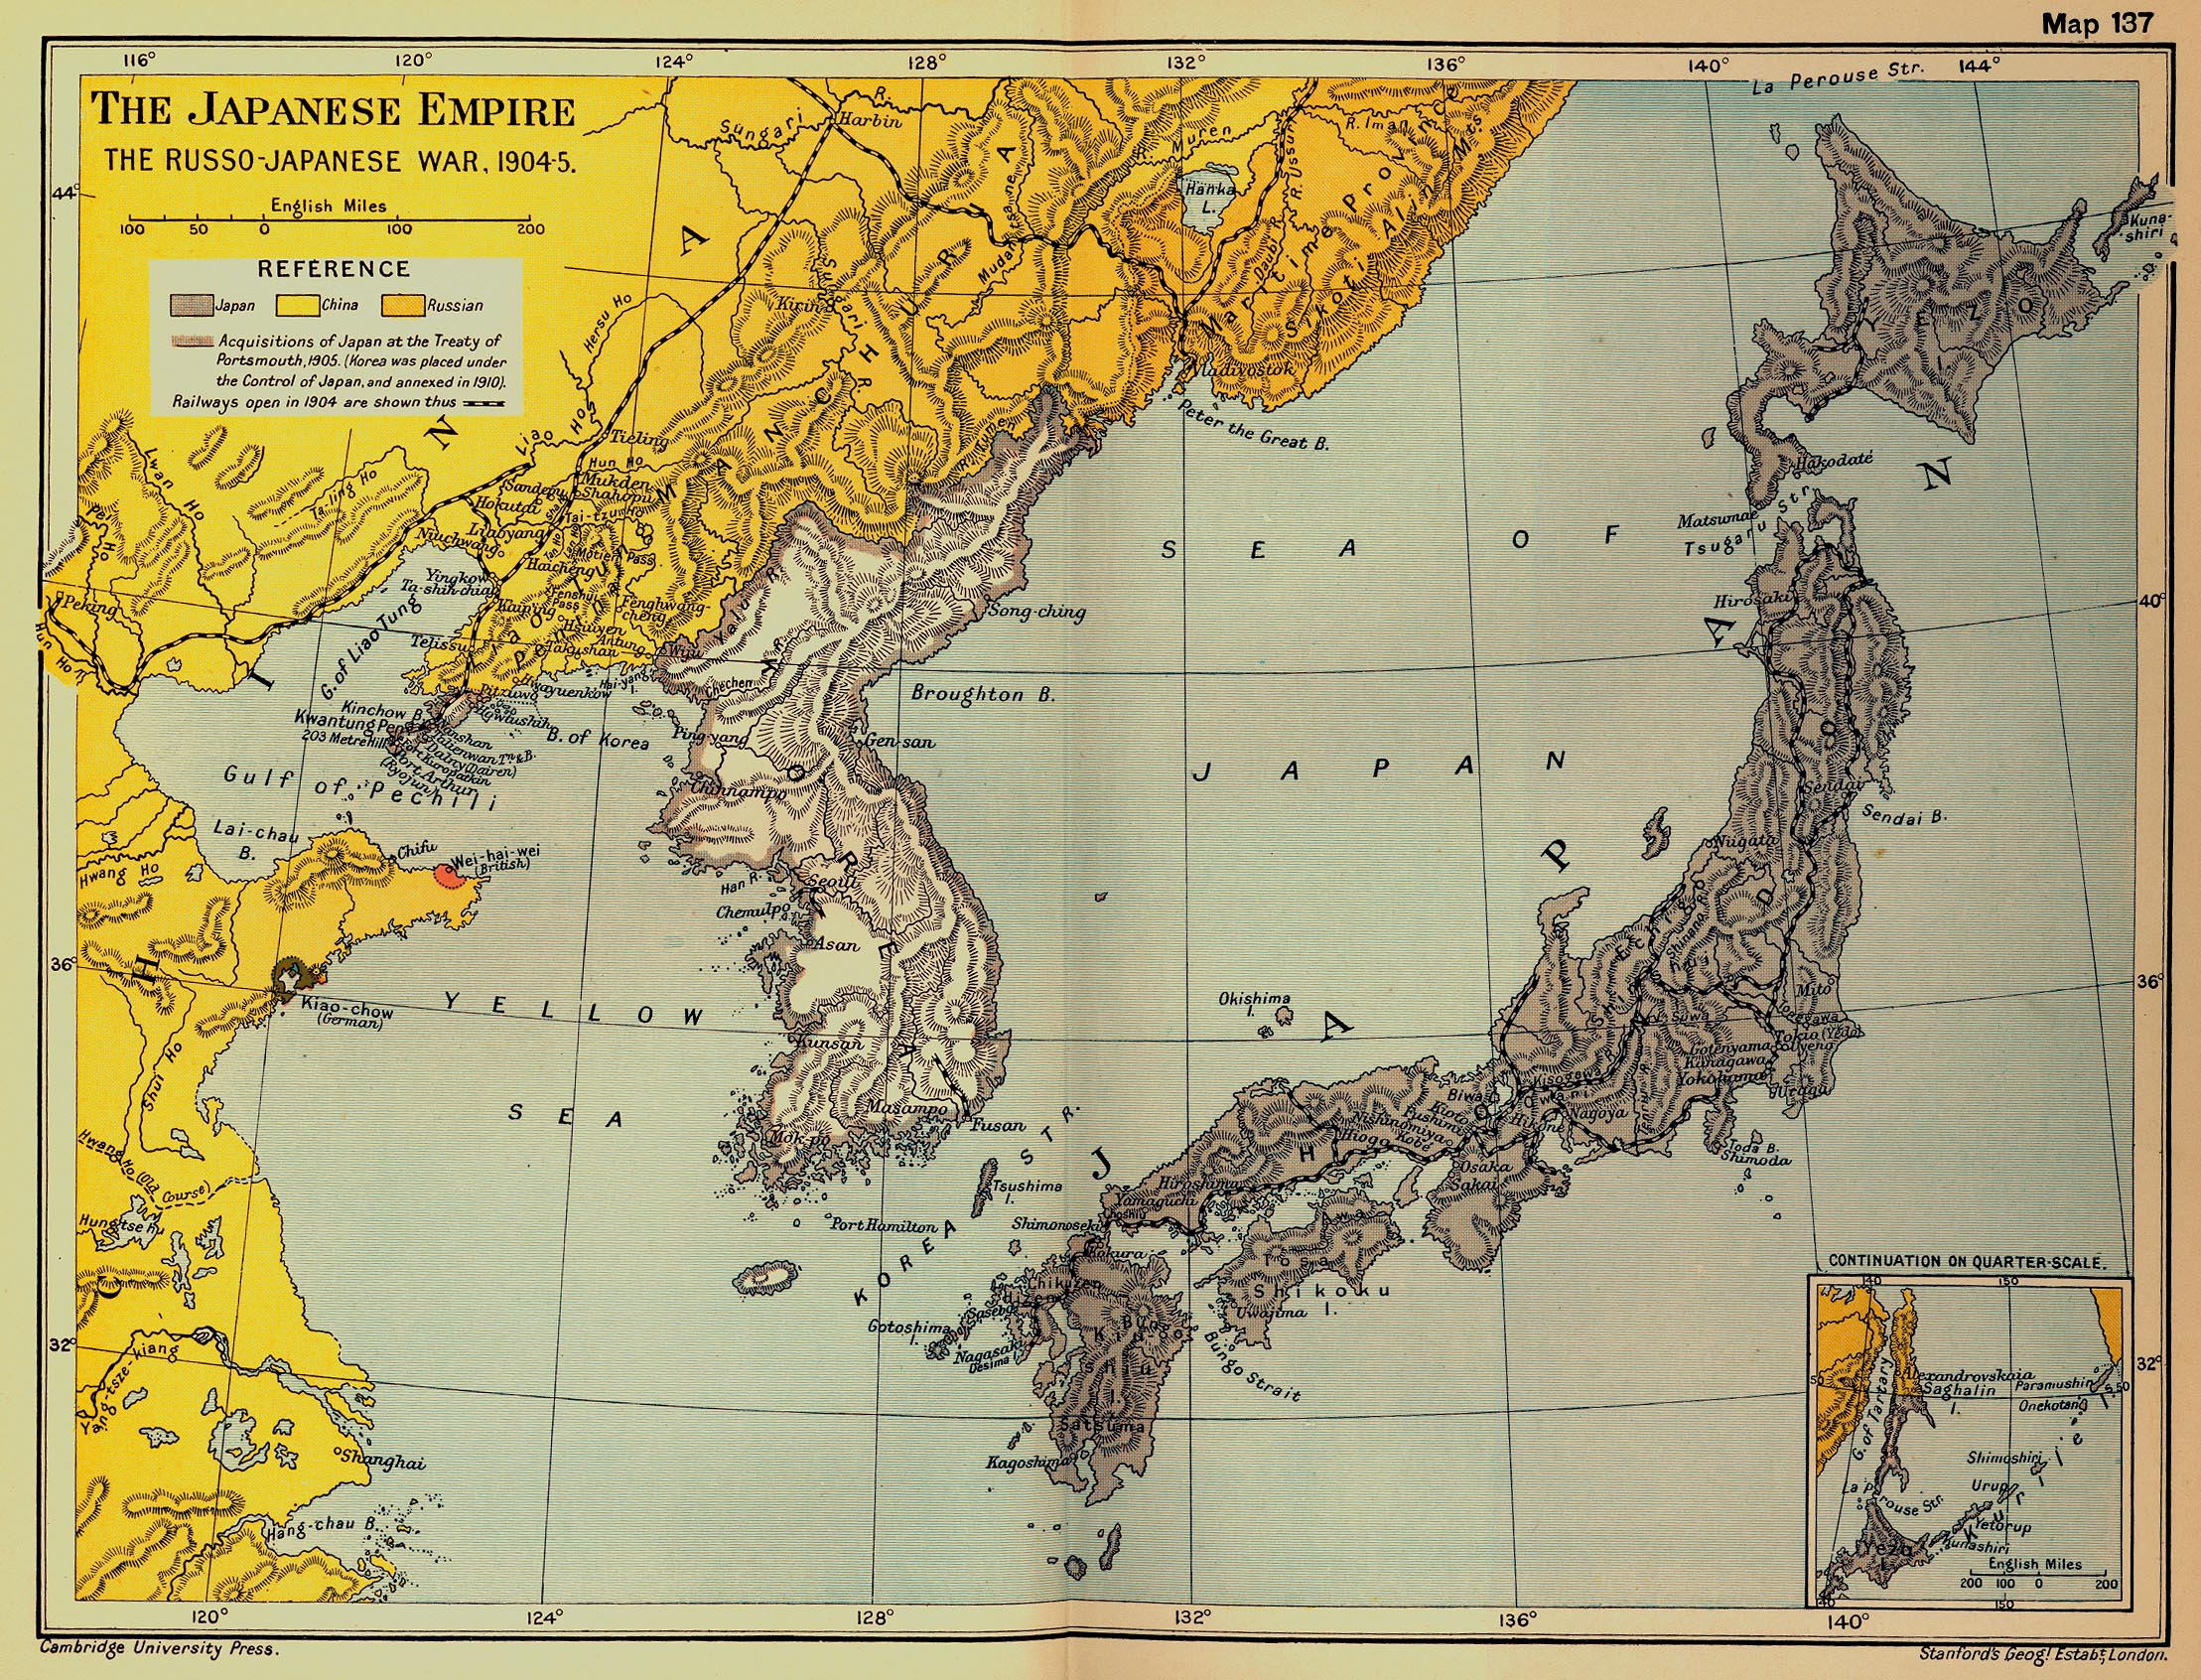 Карта понятна без перевода - железная дорога, европейские колонии, словом, у японцев были поводу к беспокойству